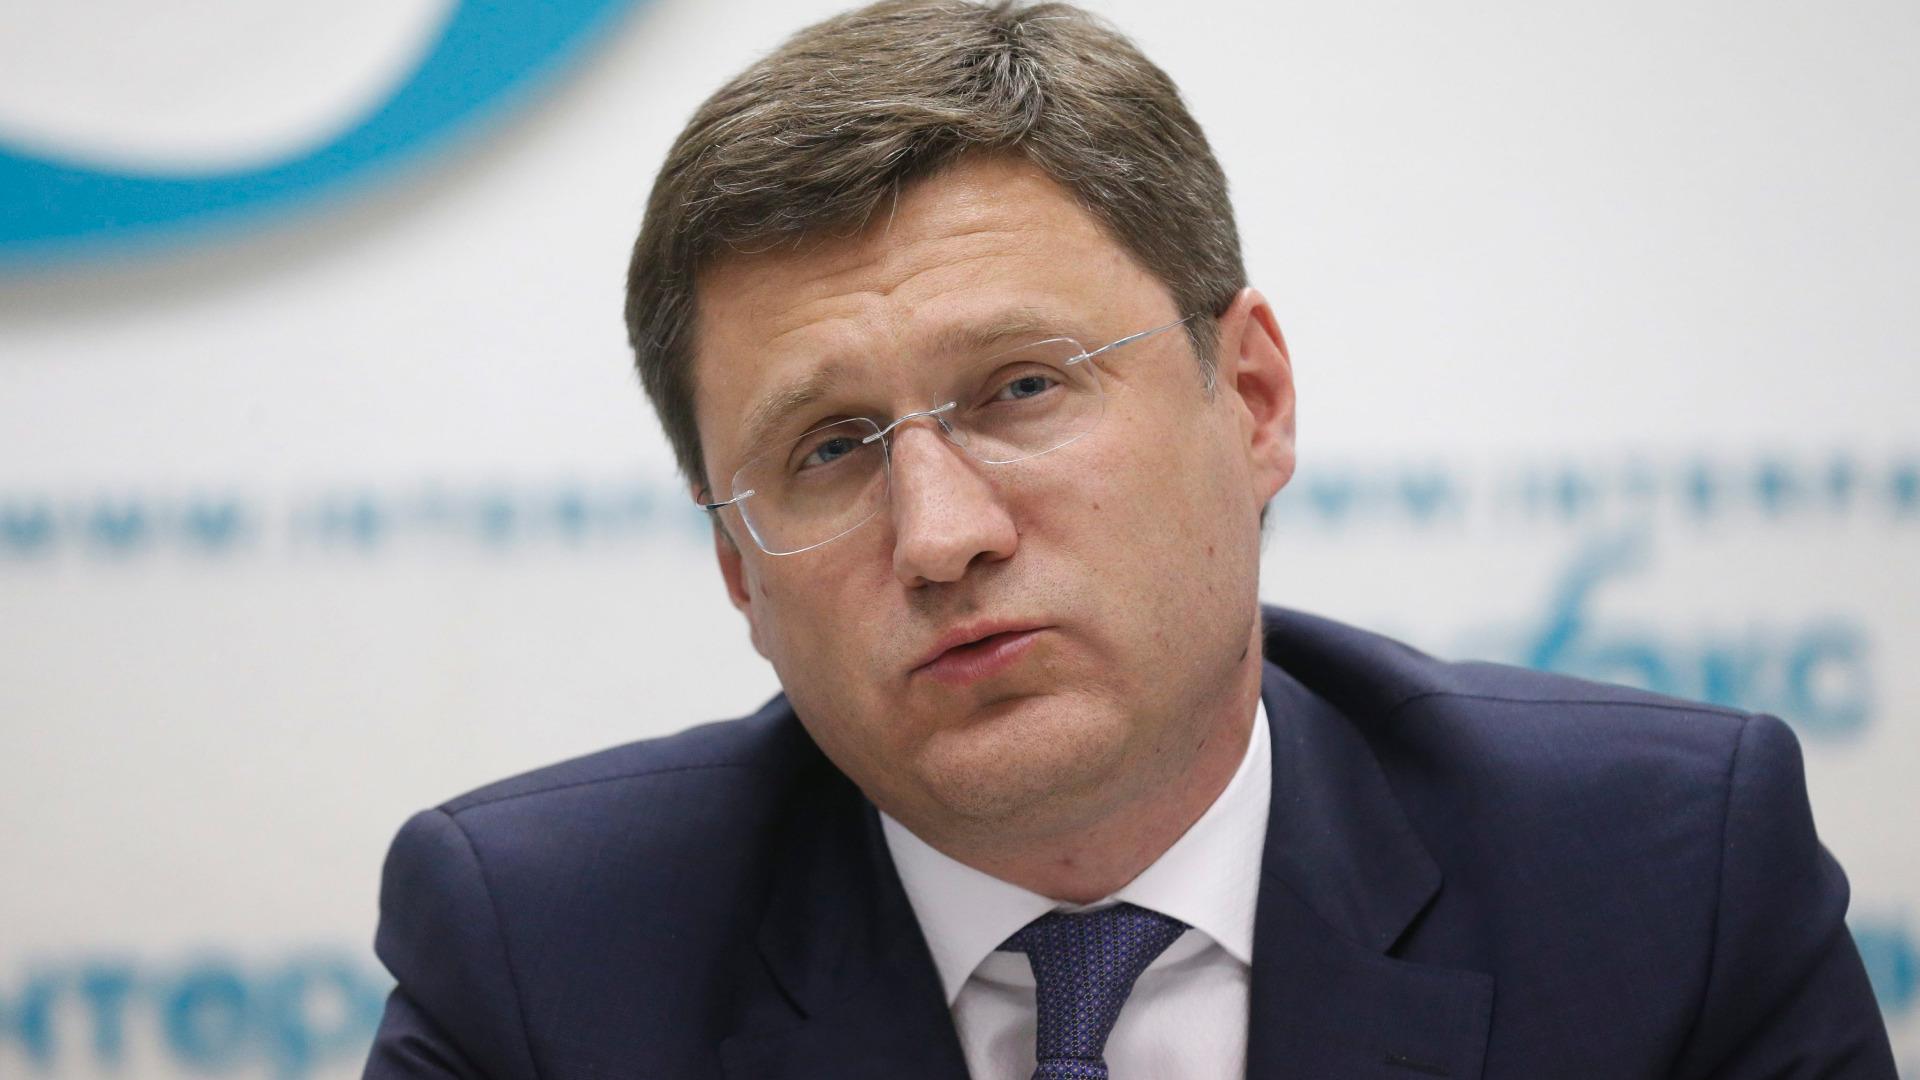 Новак: Россия может продлить транзит с Украиной как запасной вариант